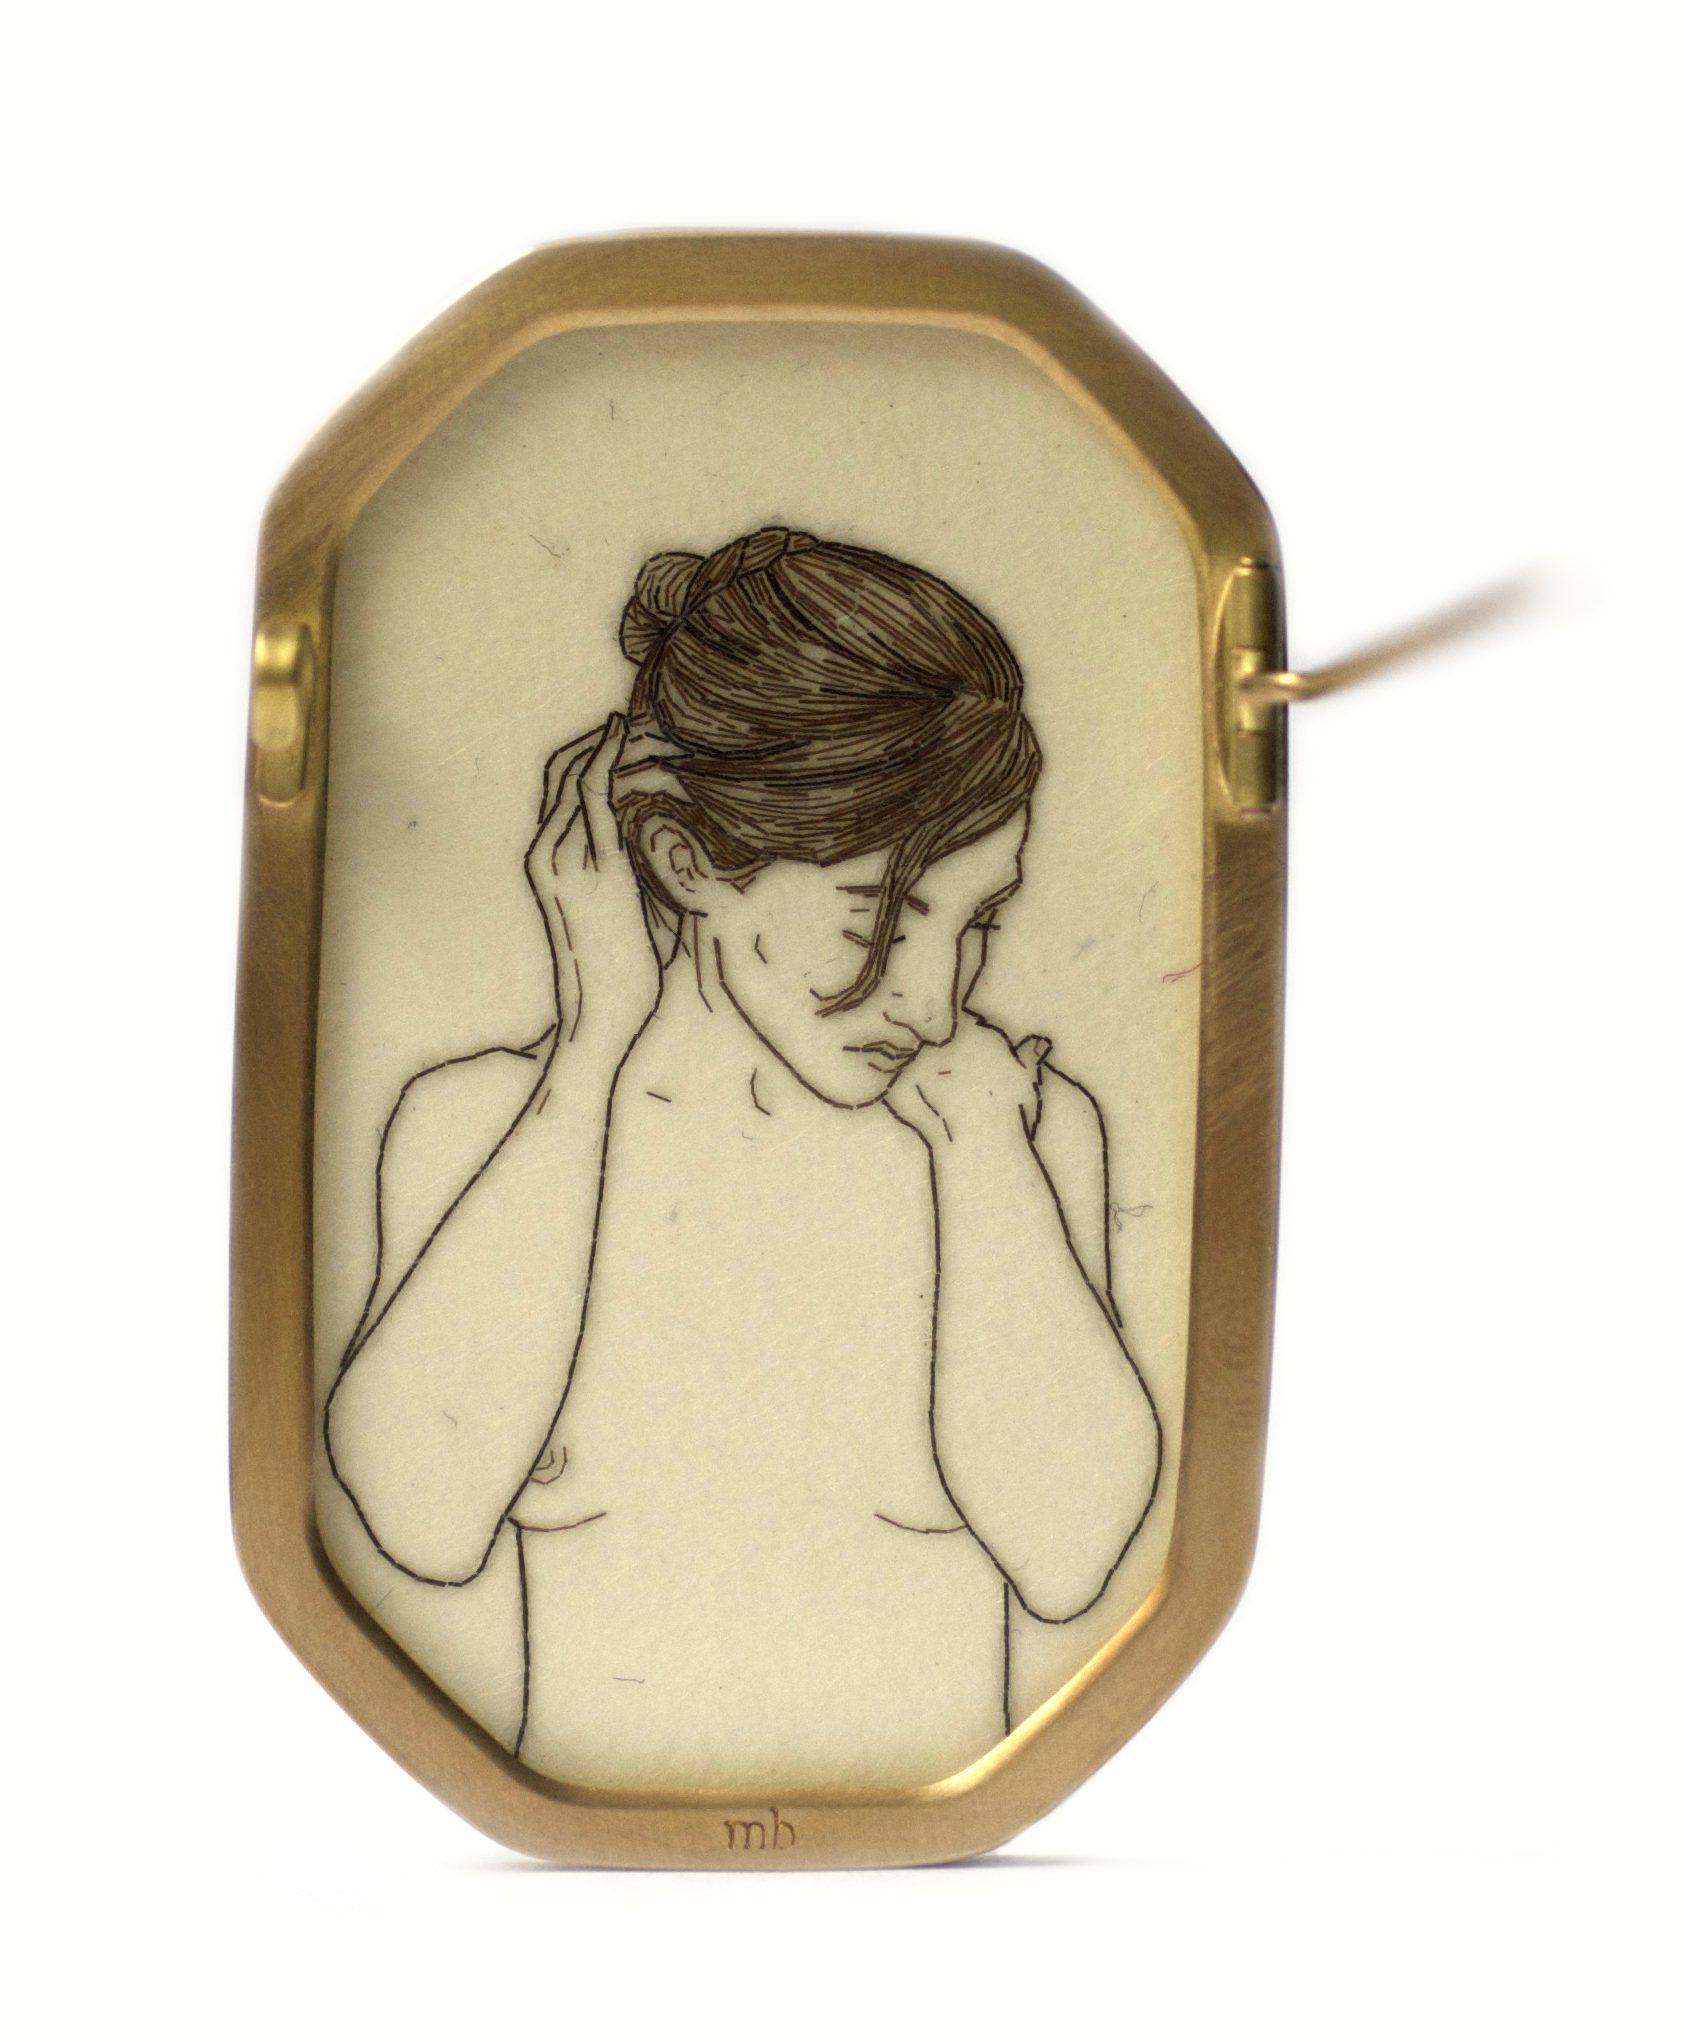 Melanie Bilenker, Smooth, broche, 2013, achterzijde. Foto Sienna Patti, Von Hier und Dort, 2015